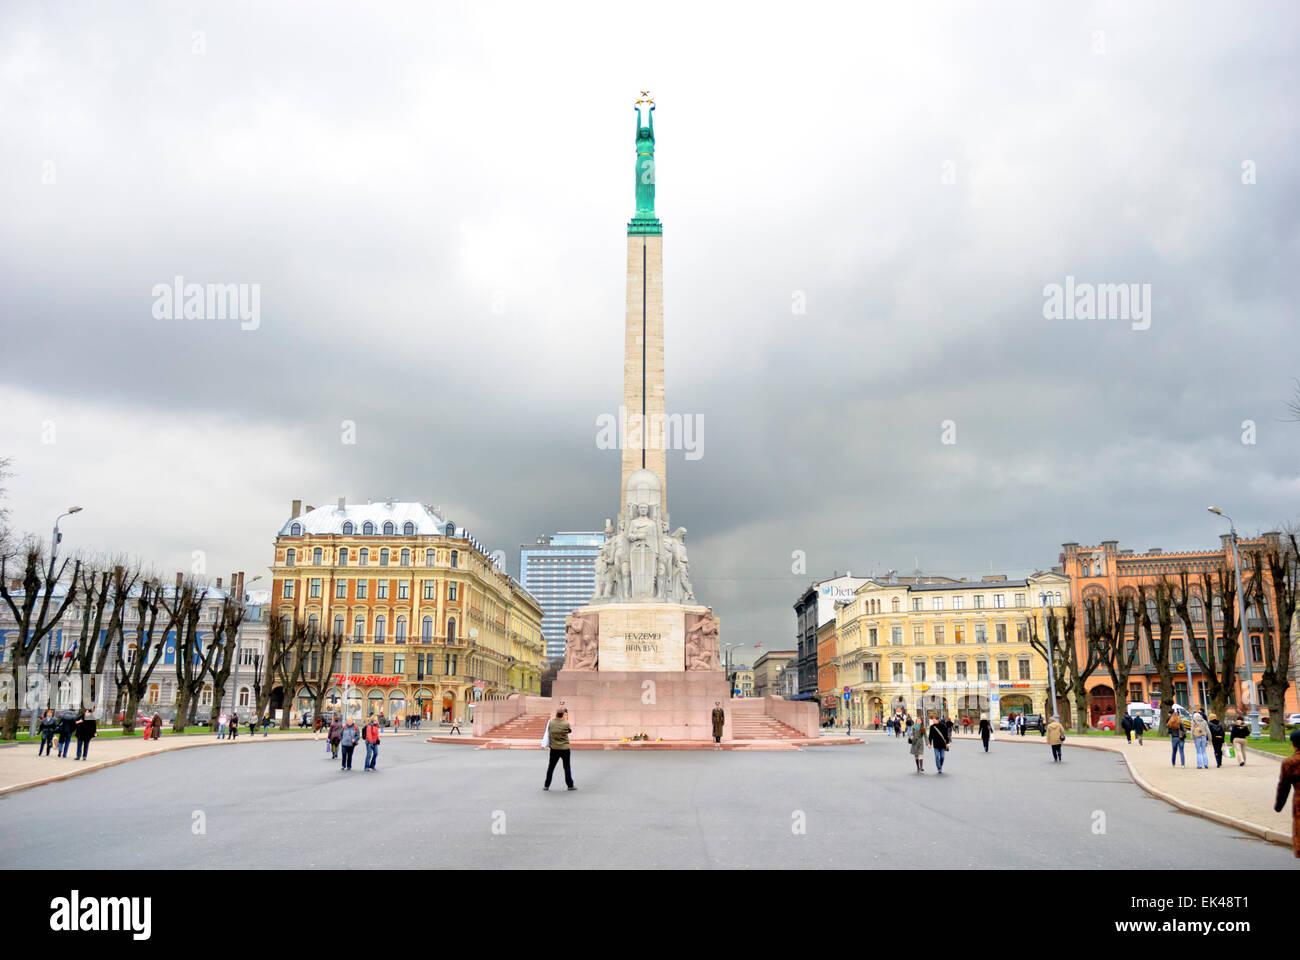 Wolken über Unabhängigkeit? Das Freiheitsdenkmal im Zentrum von Riga, Lettland. Baltischen Staaten; Plaza, Stockbild